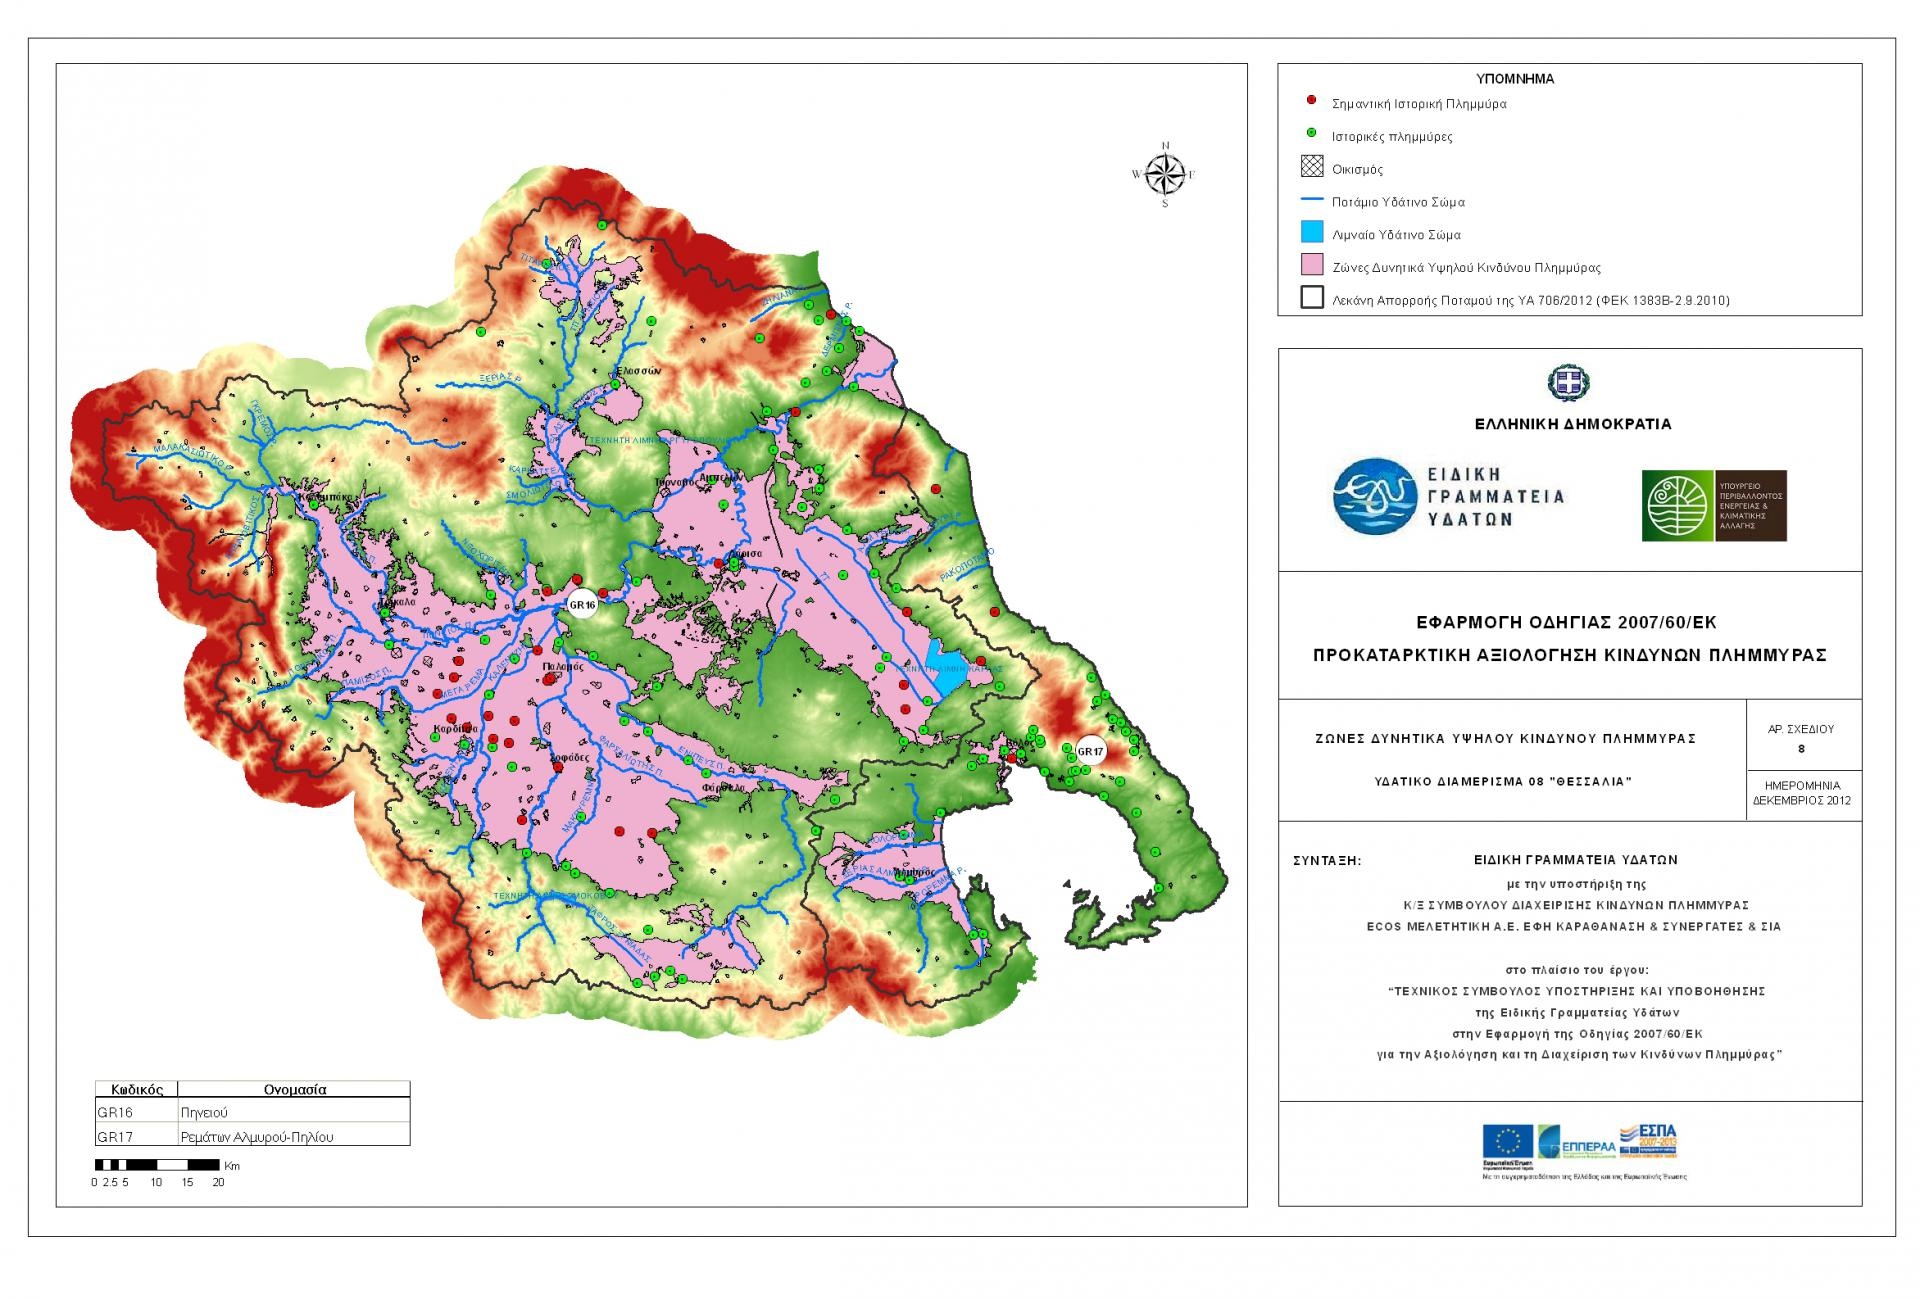 Χάρτης αξιολόγησης κινδύνων πλημμύρας στη Θεσσαλία